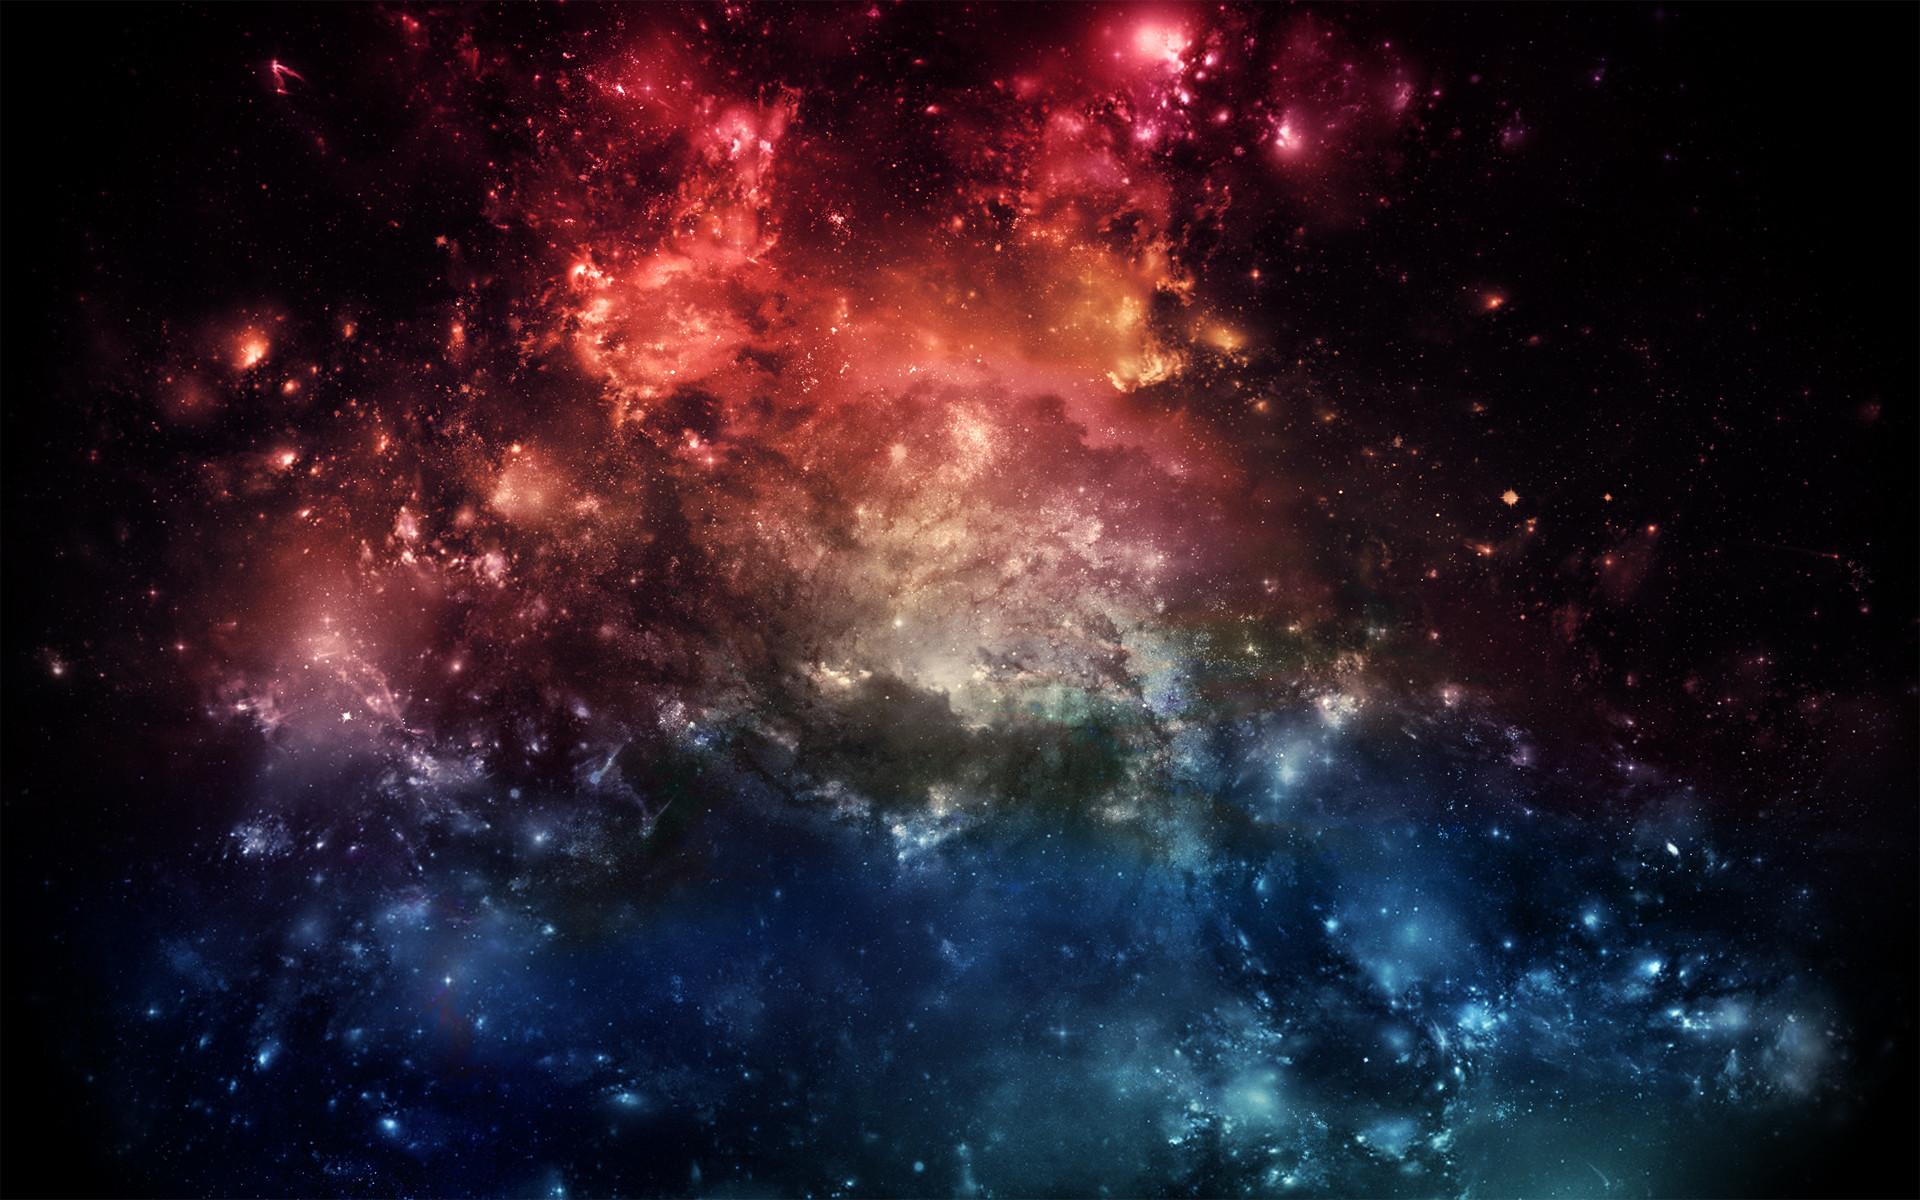 Res: 1920x1200, Author: skyofca. Tags: Space Fantasy